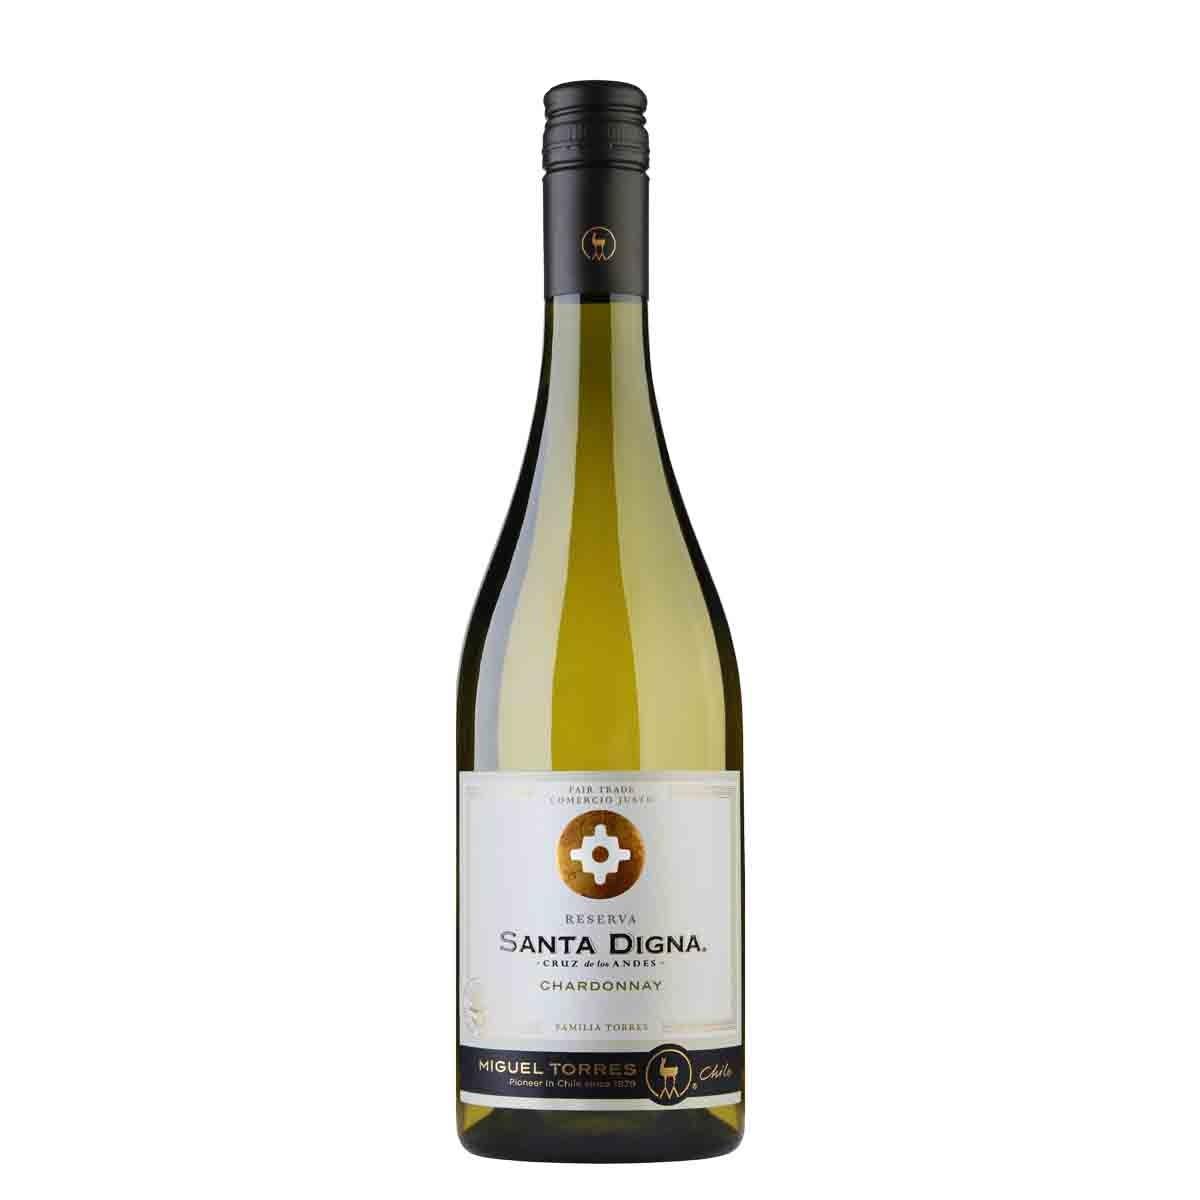 Vinho Branco Chileno Miguel Torres Gran Reserva Santa Digna Gewürztraminer 750ml